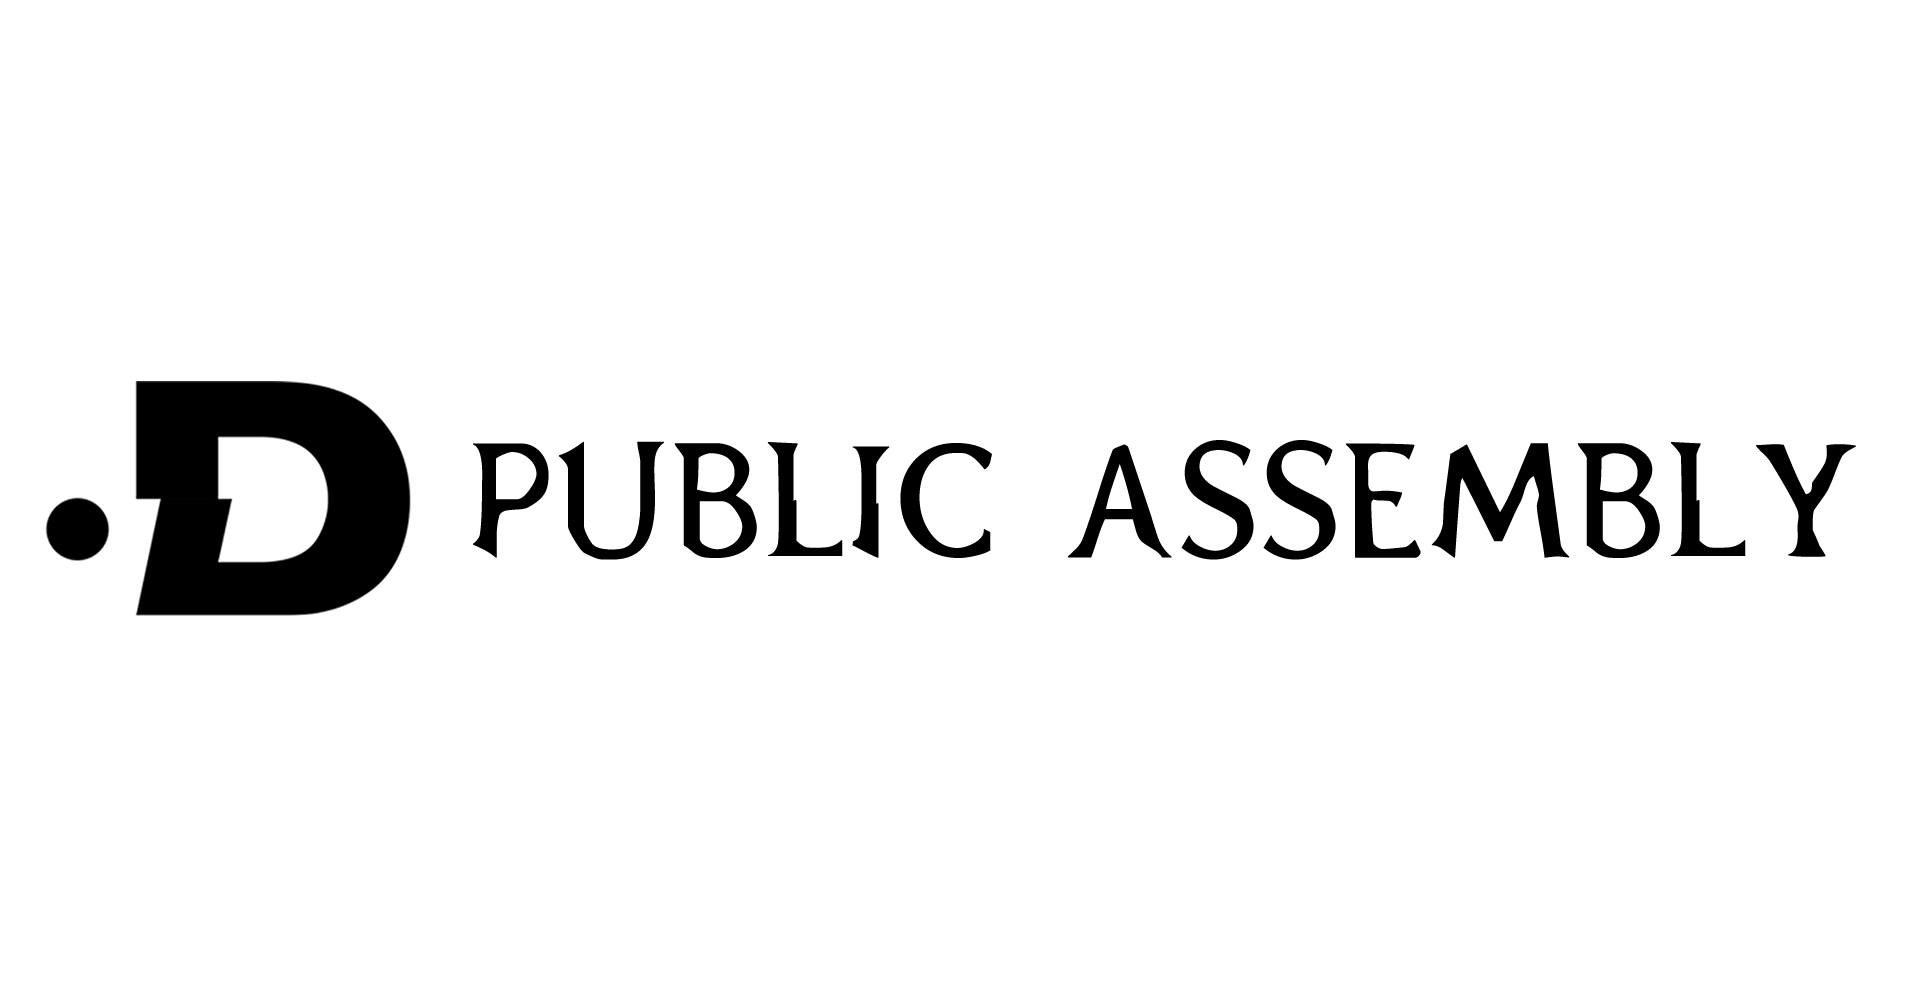 D-Zóna: Public Assembly